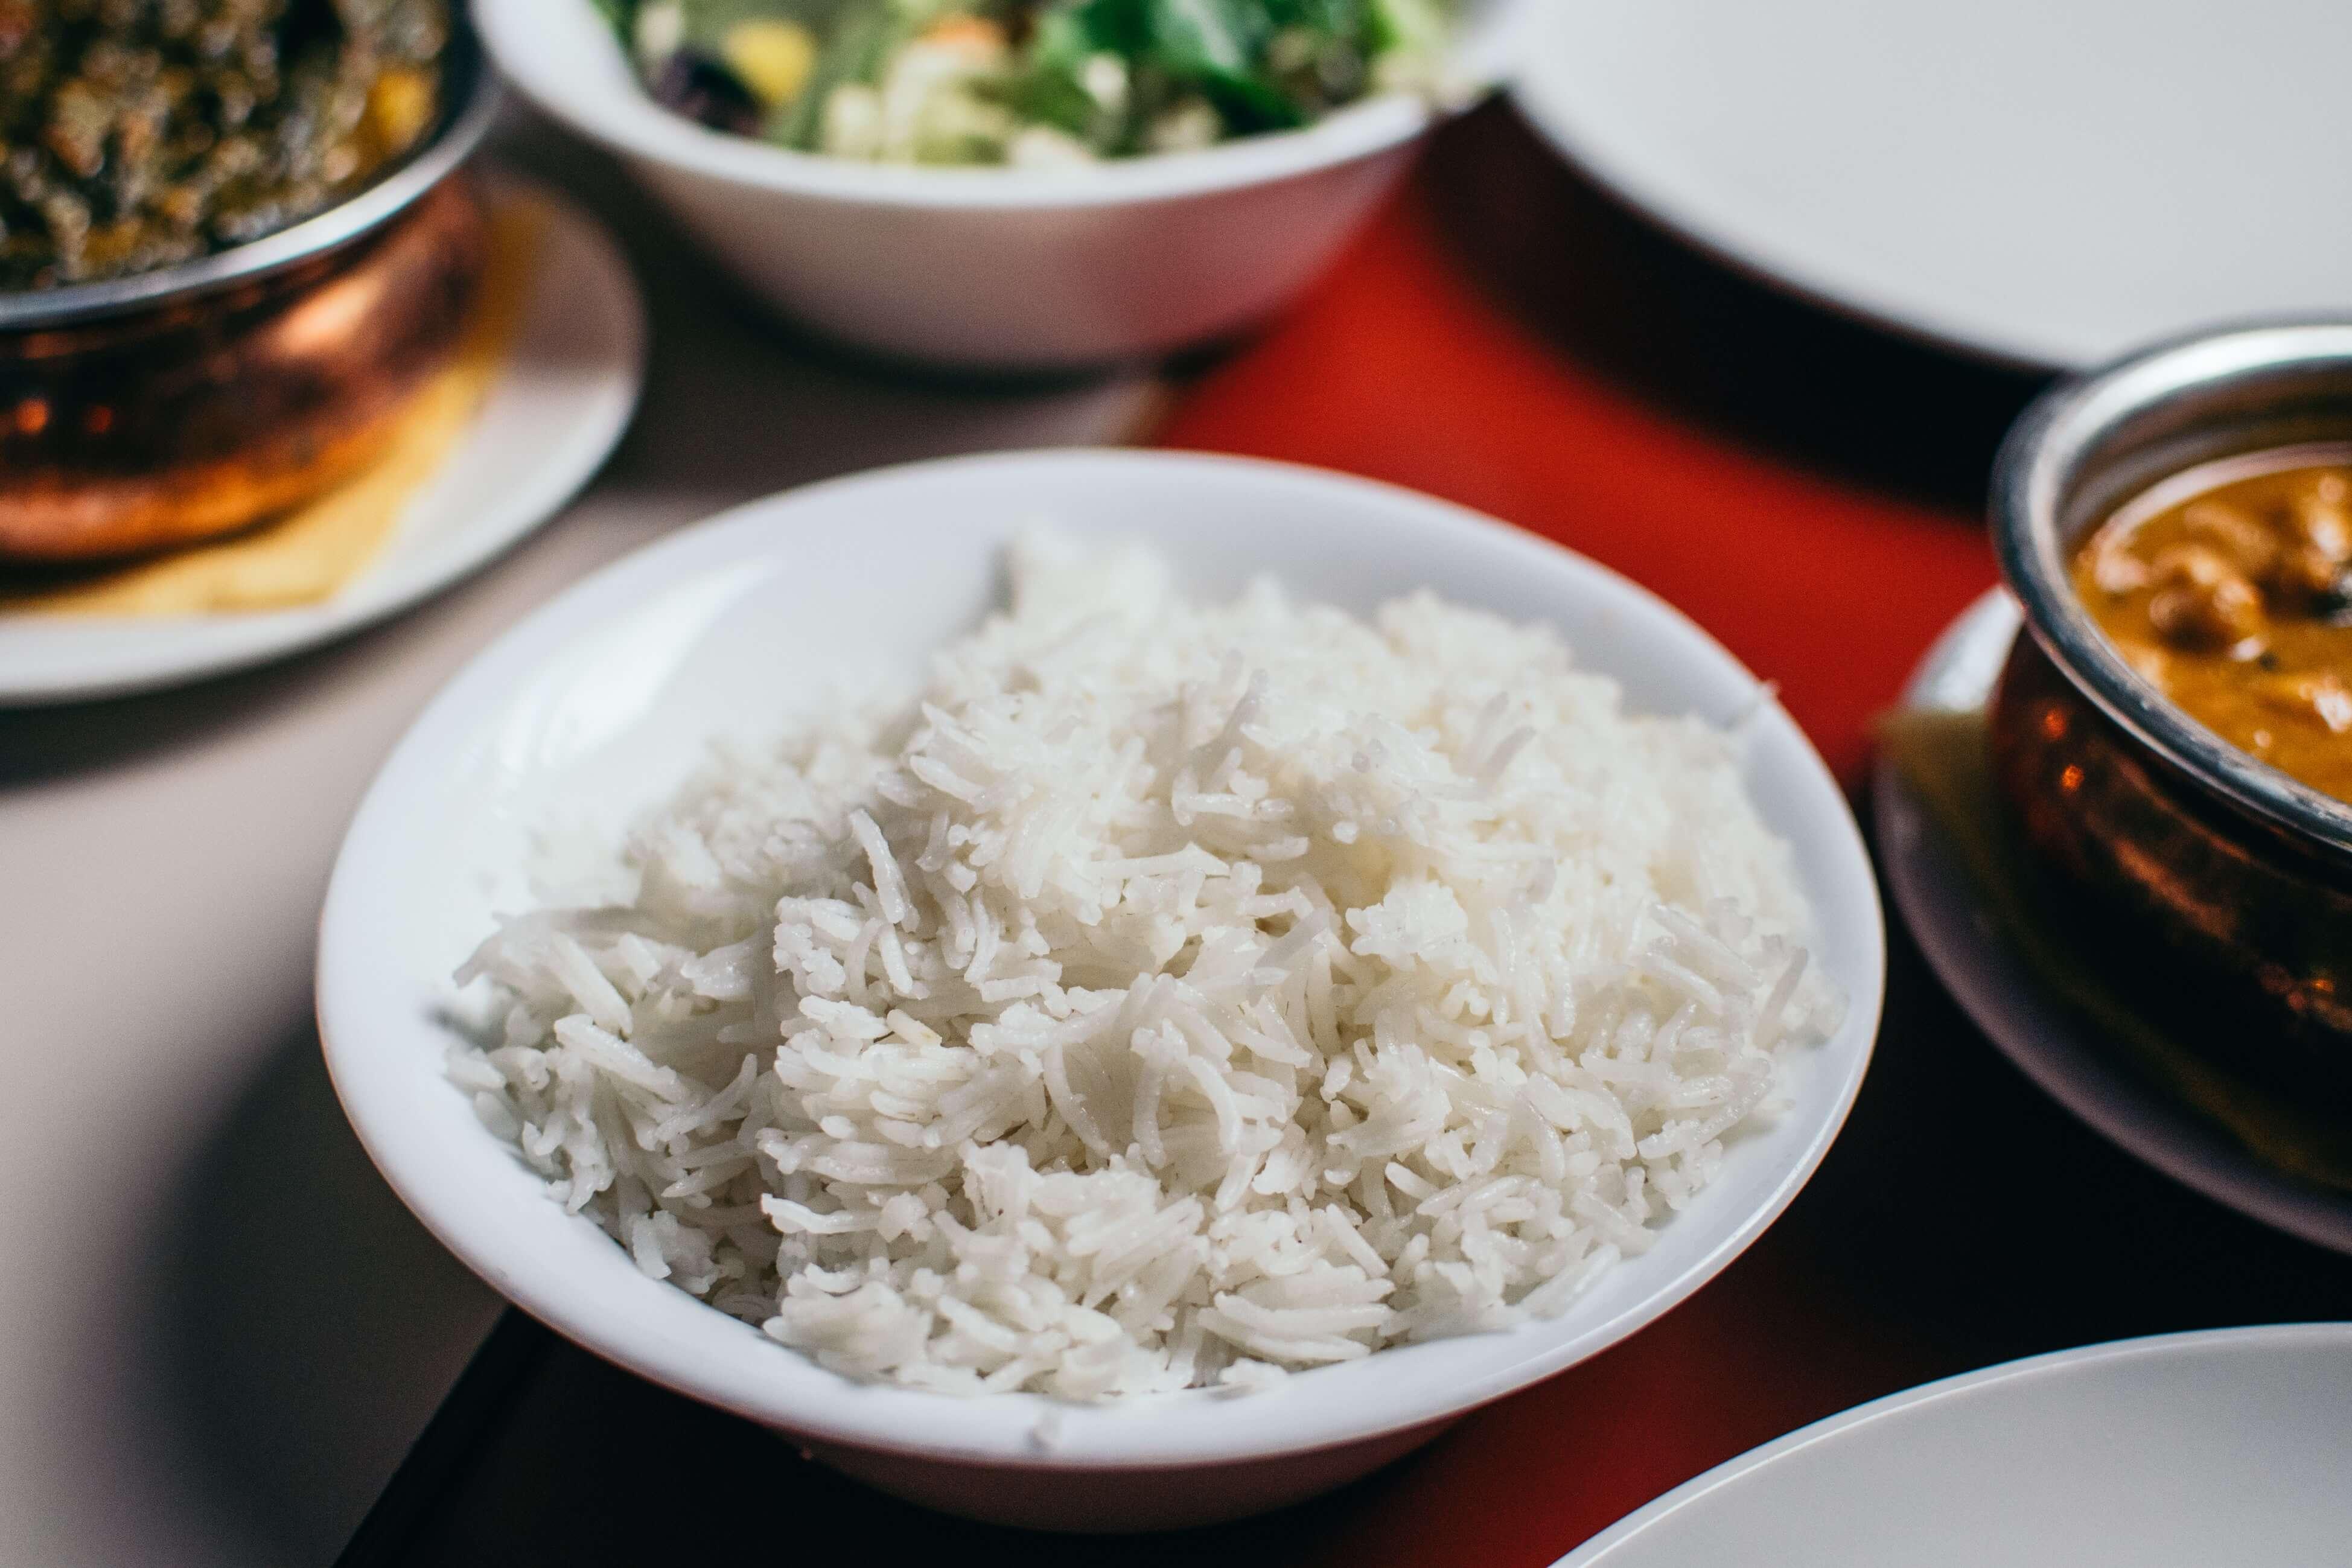 Studentska kuhinja: Kako pripremiti savršenu rižu